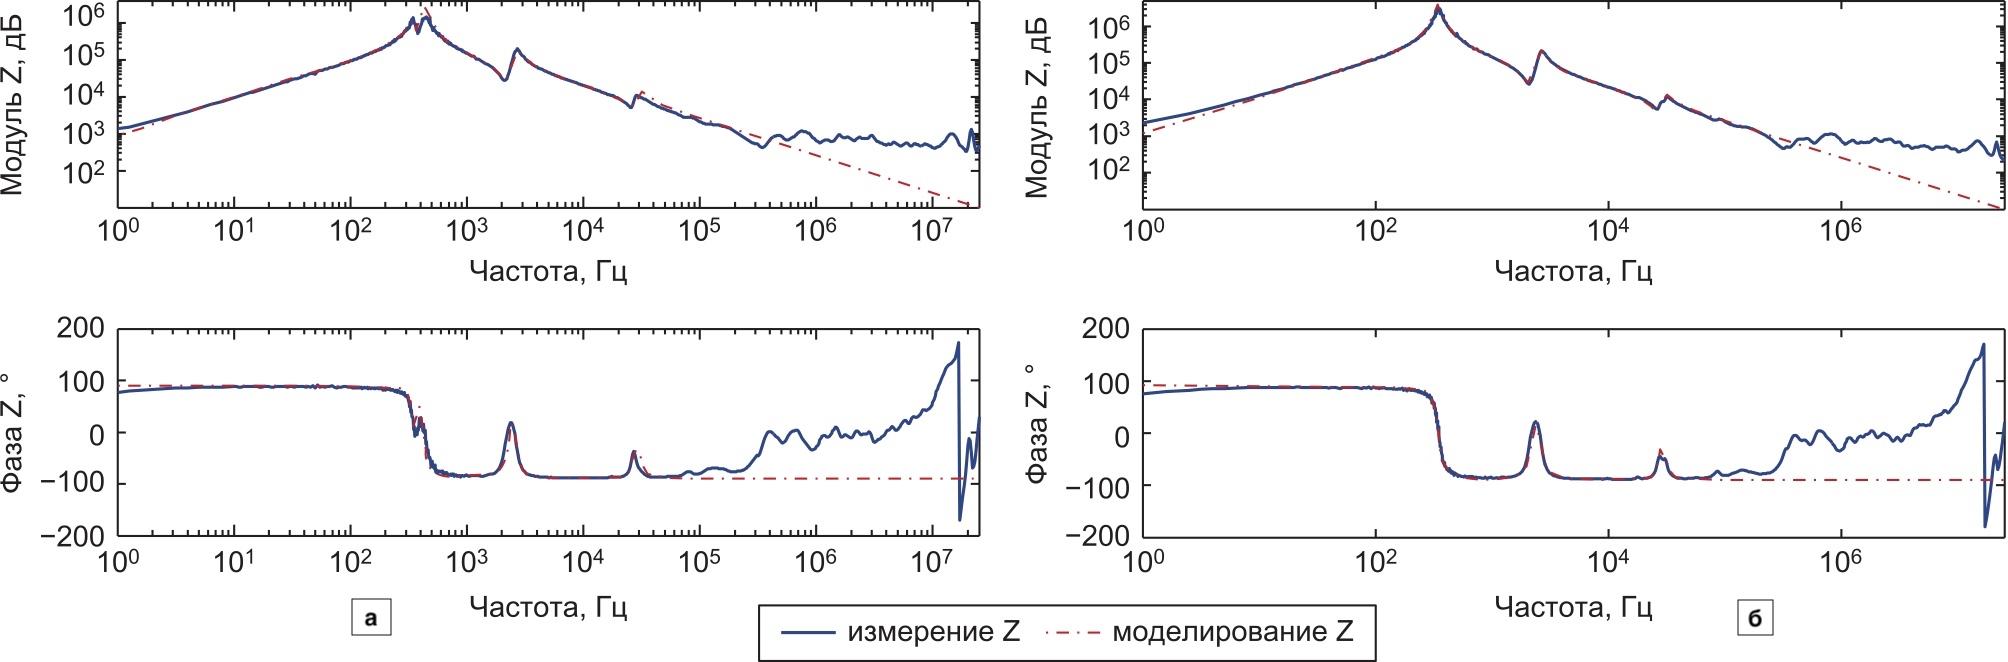 Сопоставление результатов реальных измерений и результатов моделирования. (Сквозная АЧХ трансформатора YNyn измеряется в конфигурации открытой цепи: фаза U (а) и V (б) высоковольтного напряжения HV)